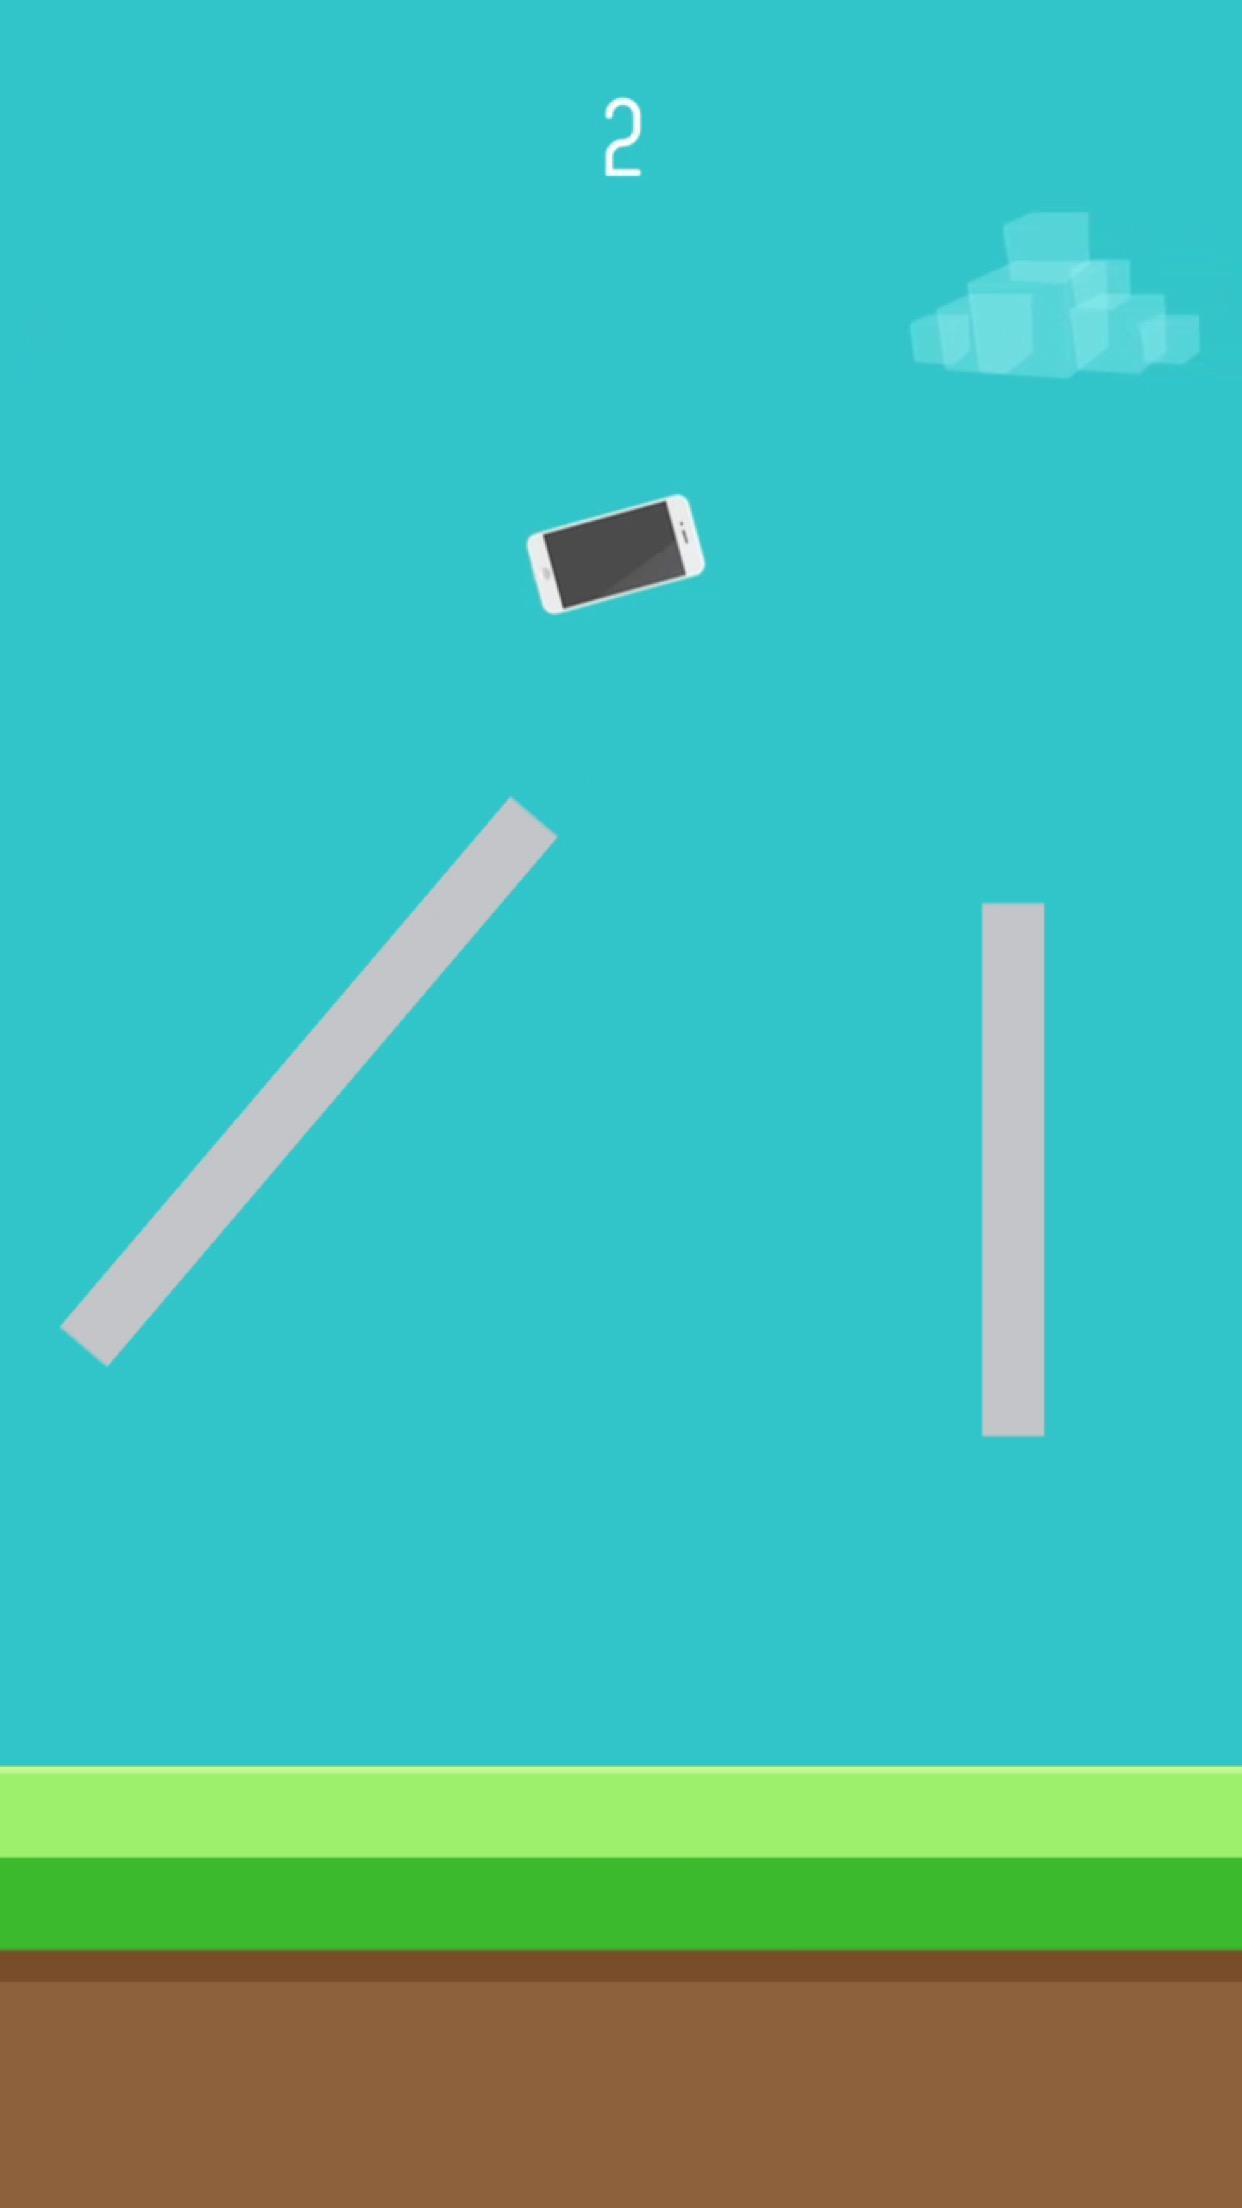 Smartphone Flip Challenge 8